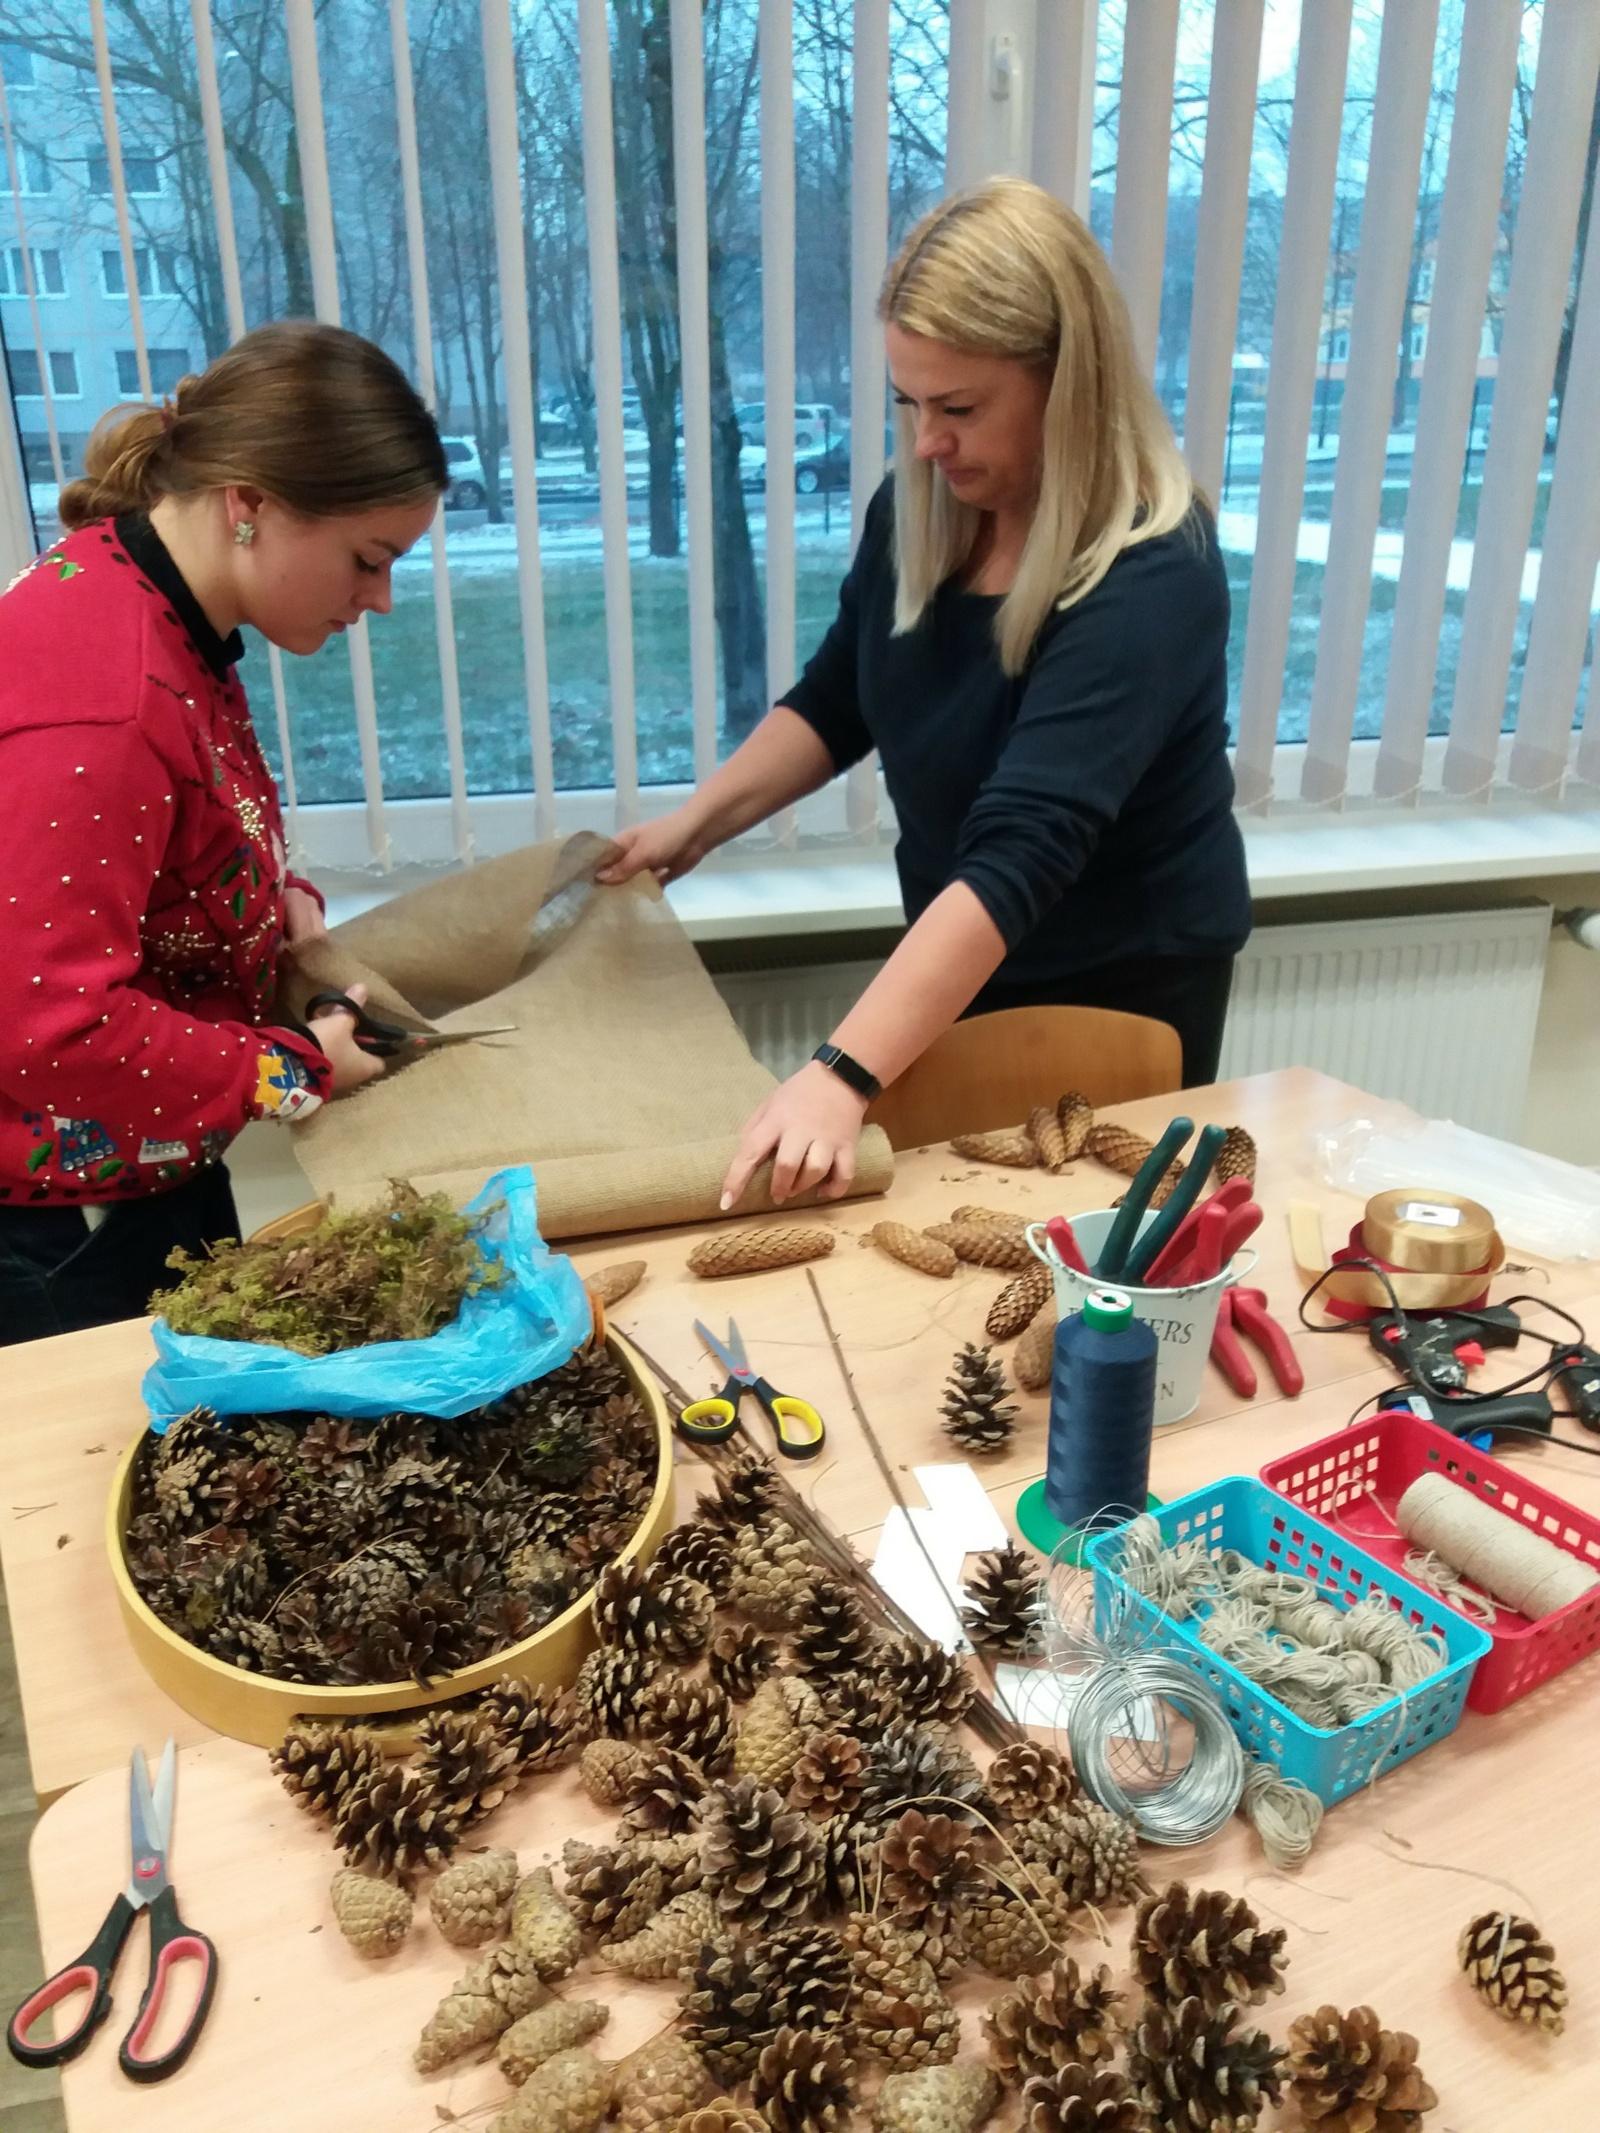 Šiaulių Dainų progimnazijos mokytojai mokėsi gaminti Advento vainiką